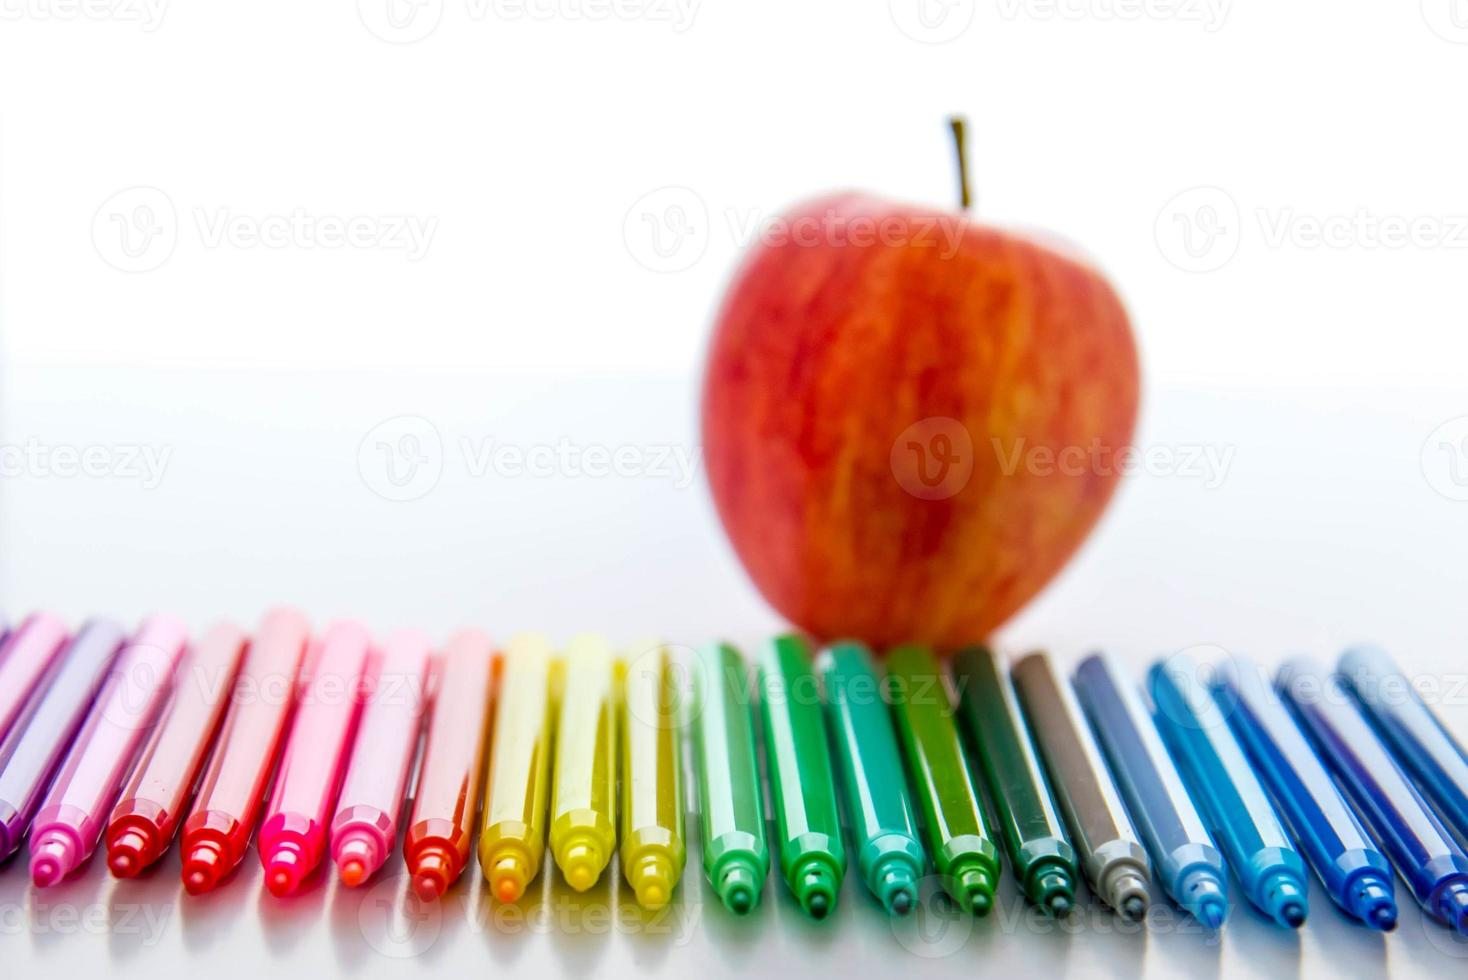 terug naar schoolbenodigdheden en een appel voor de leraar foto